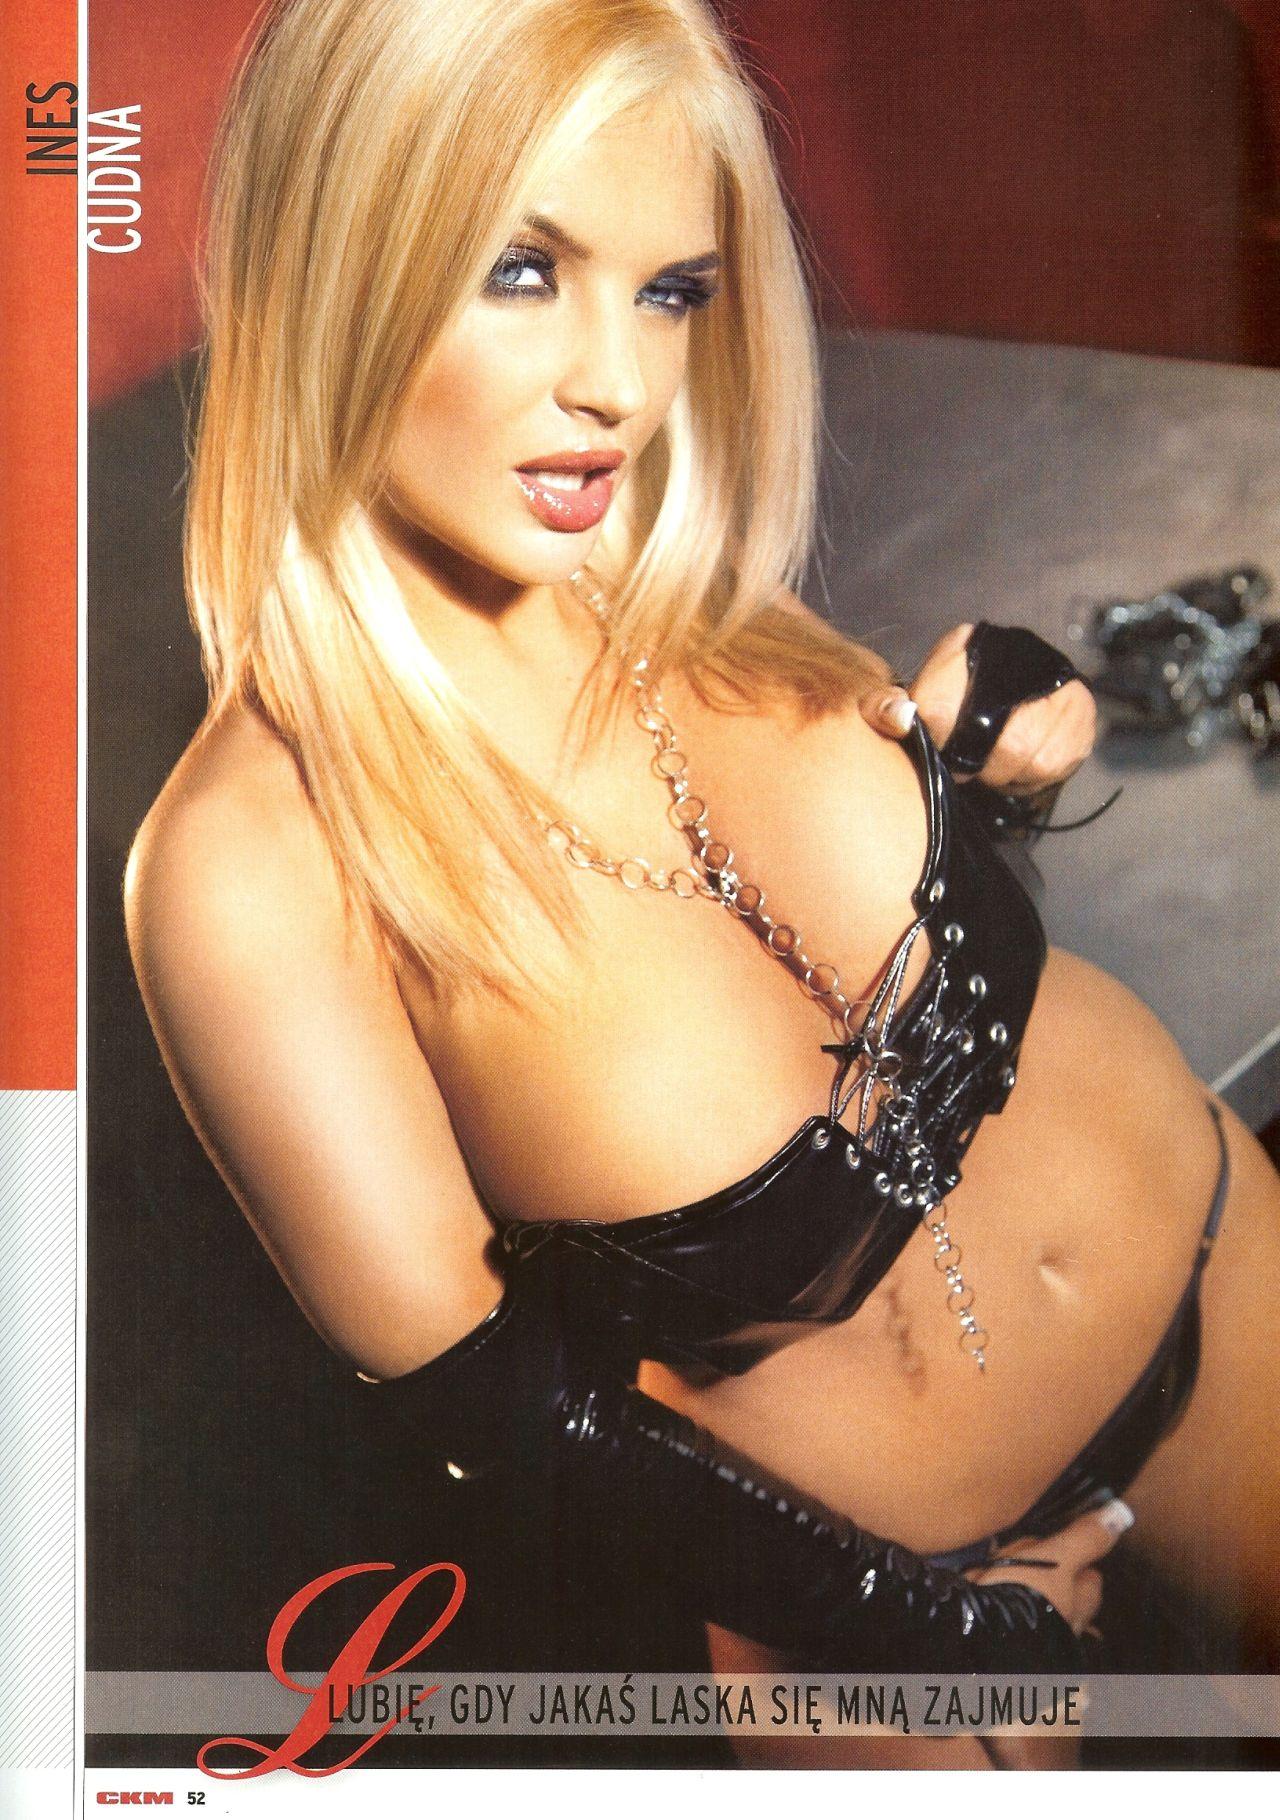 Обнаженная порно звезда Harley Jade смотреть онлайн 2 фото